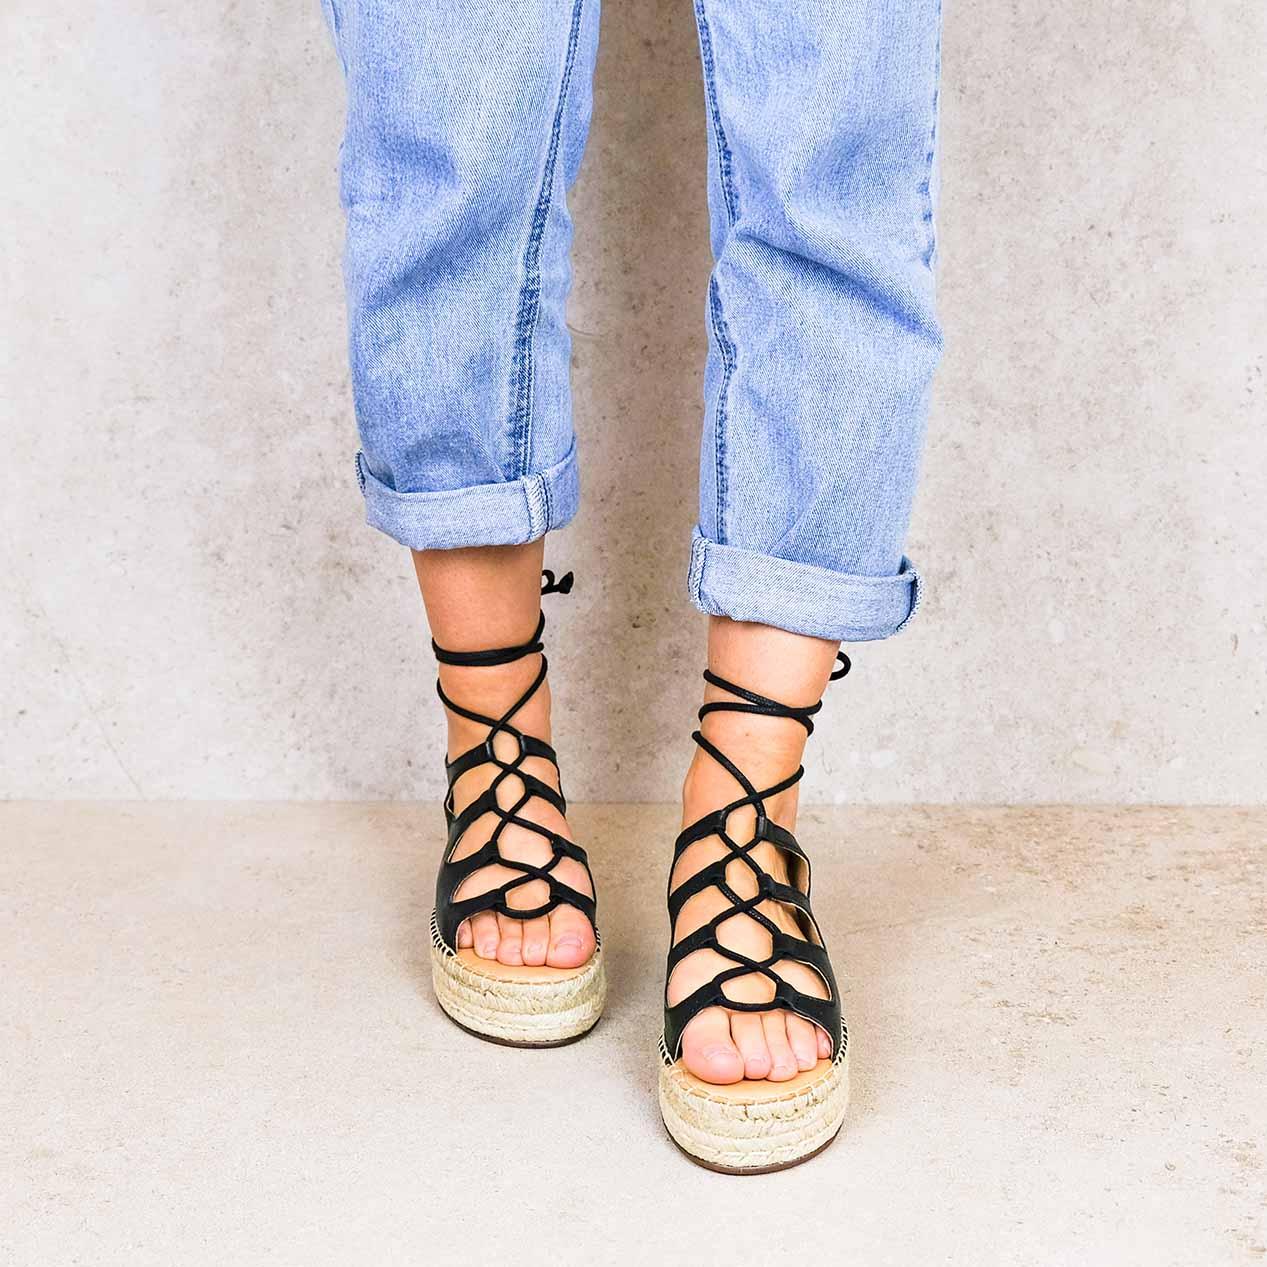 Rafa-black_lintsandalen sandals travelsandals vegan sustainable sandals wikkelsandalen